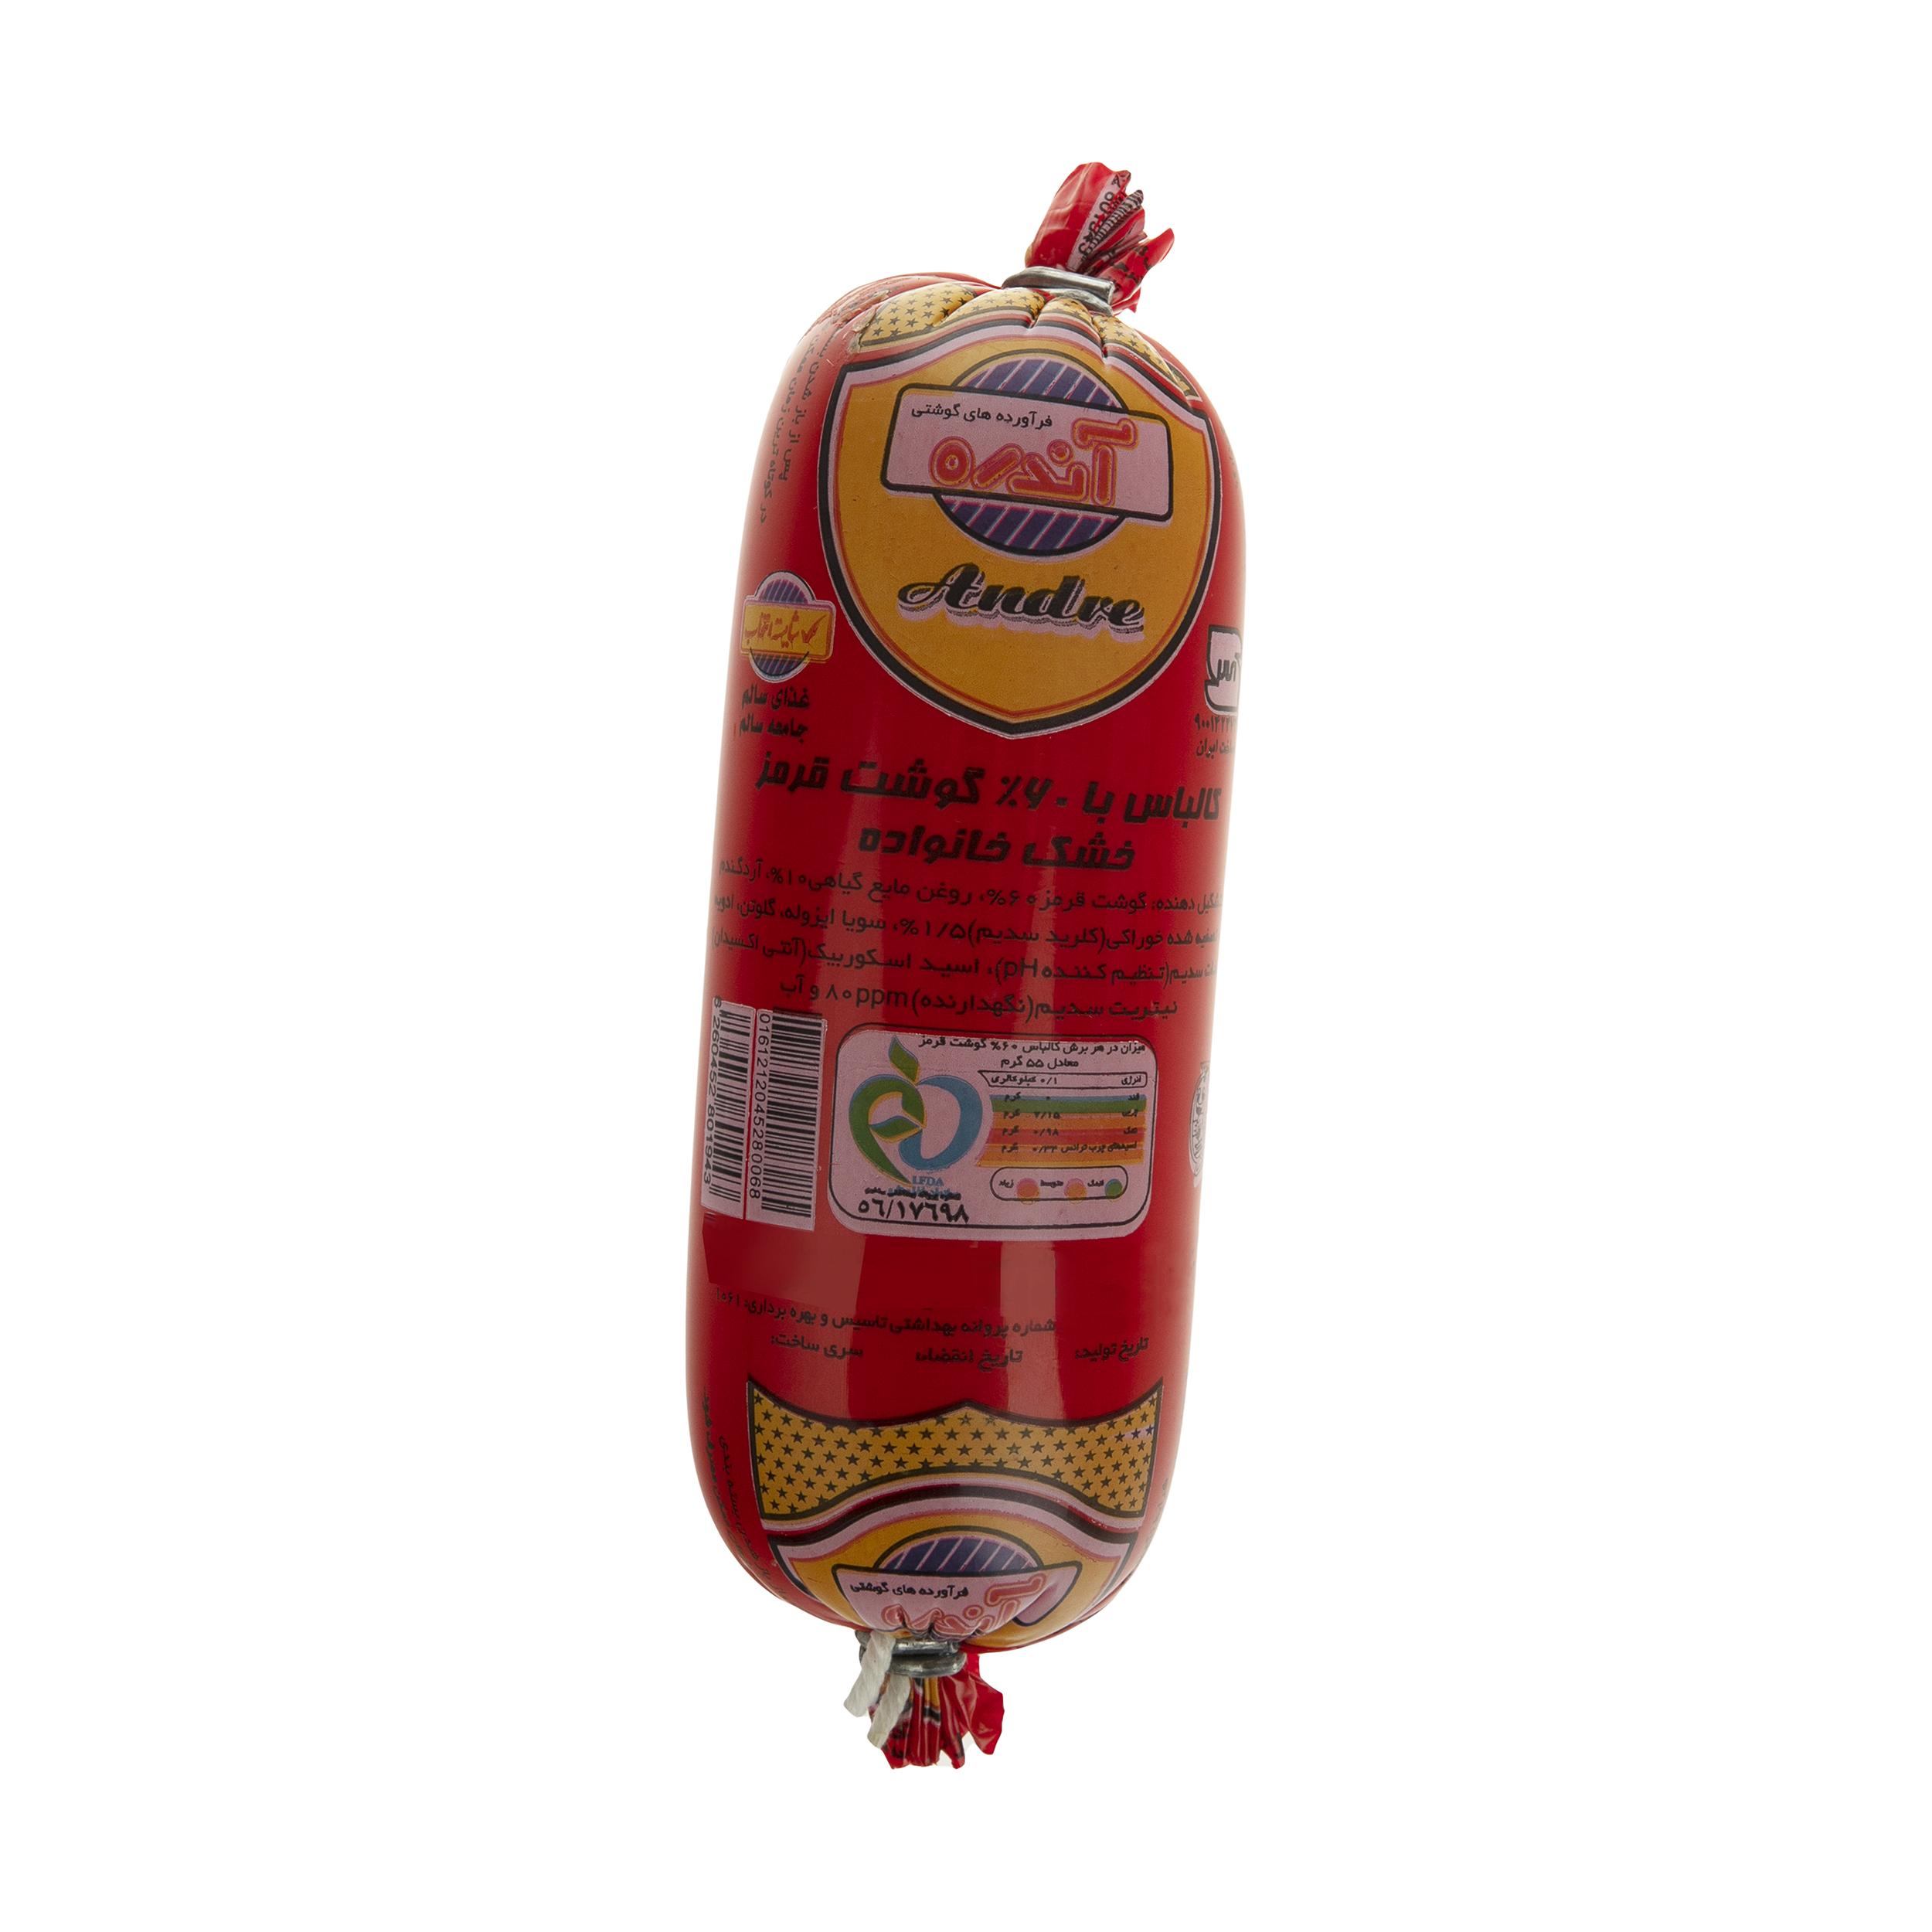 کالباس خشک 60 درصد گوشت قرمز آندره -  500 گرم